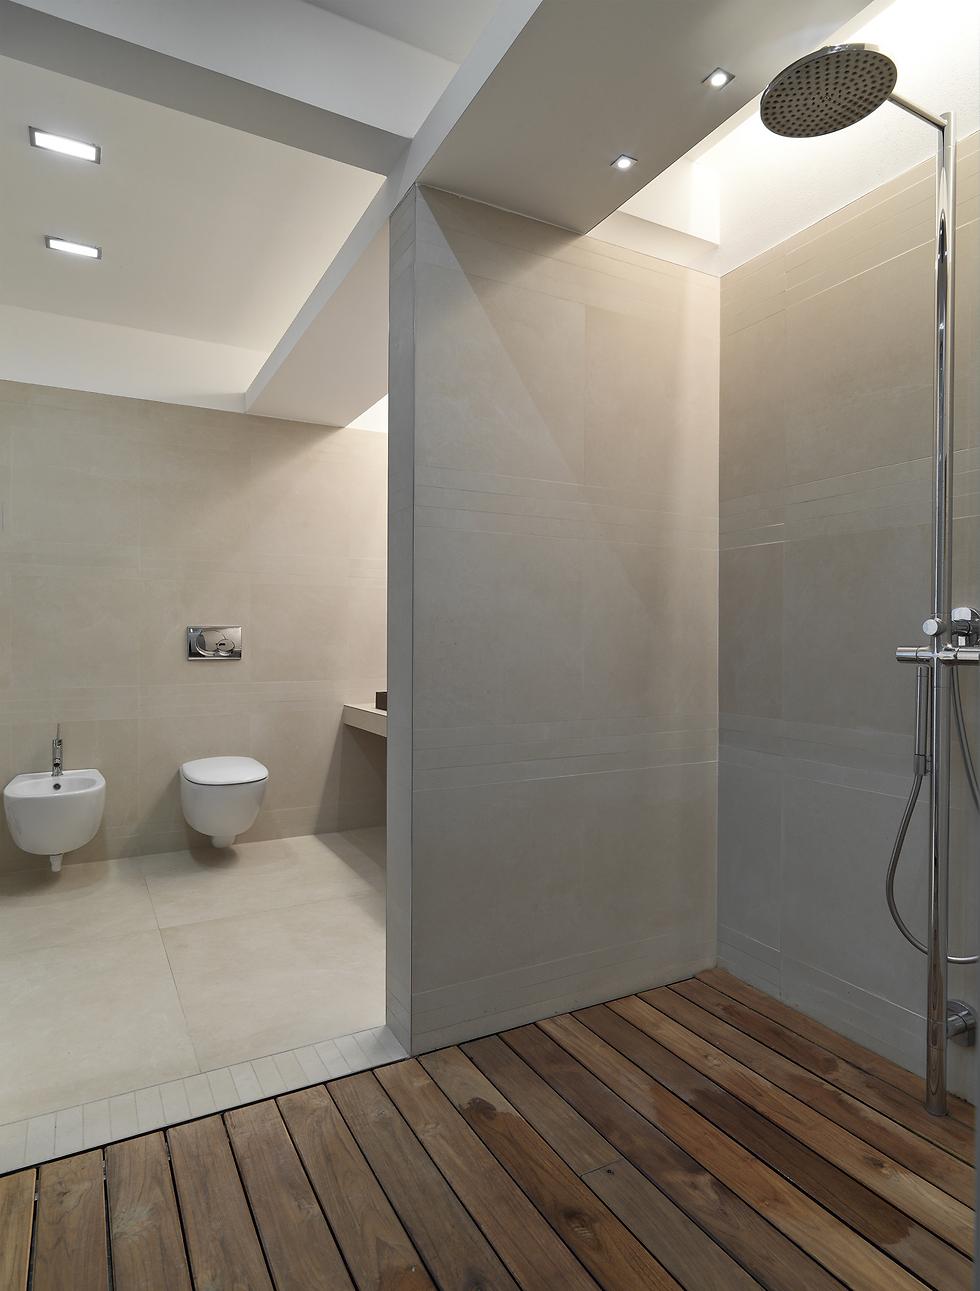 אין לכם זרם מים חזר בדירה? אולי עדיף לוותר על ראש גשם (צילום: shutterstock)